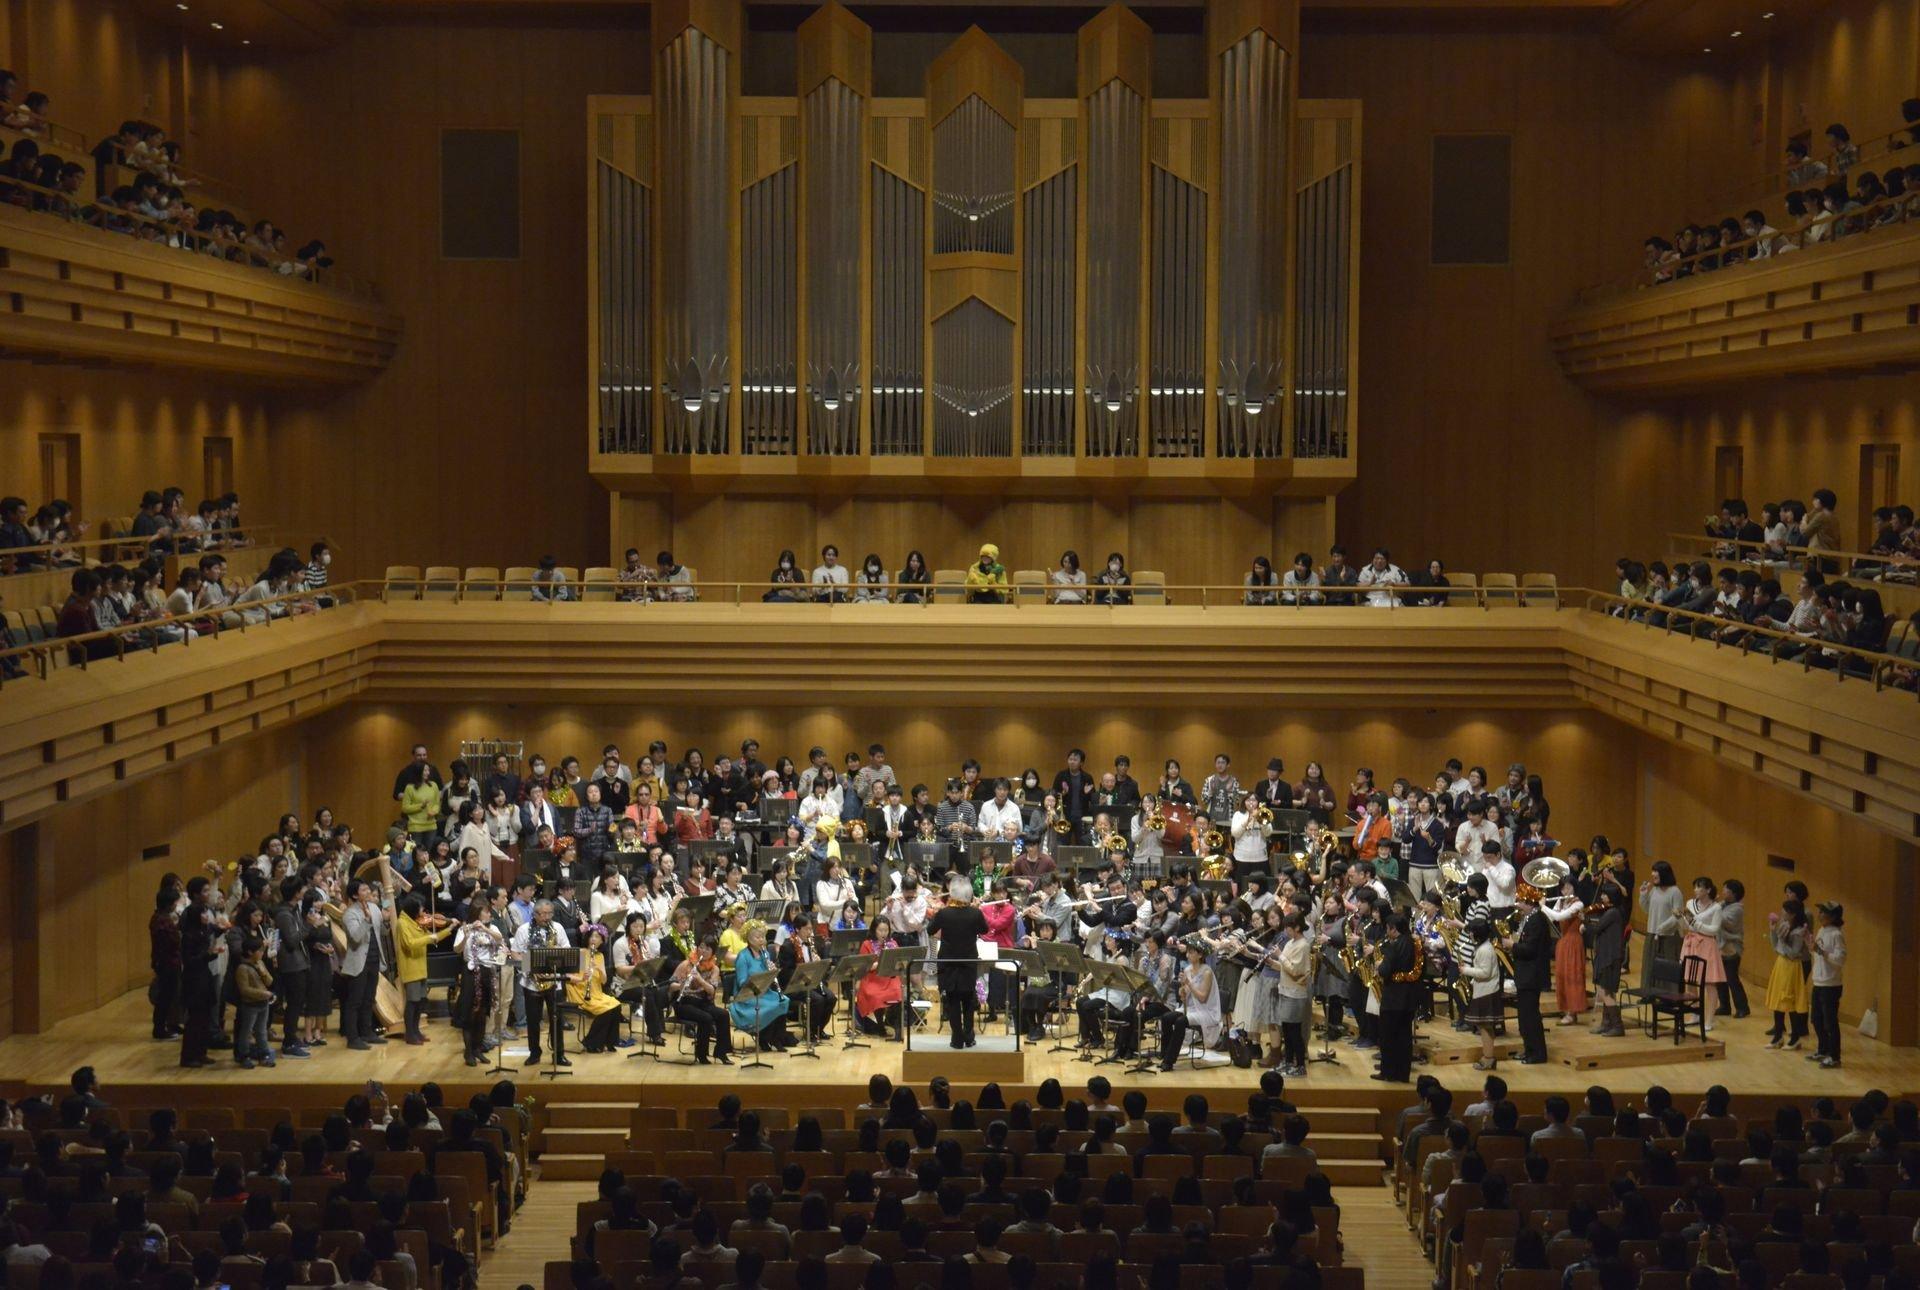 「マンボdeチョコボ」演奏風景。シエナ・ウィンド・オーケストラと参加者でステージがギッシリ埋まっている